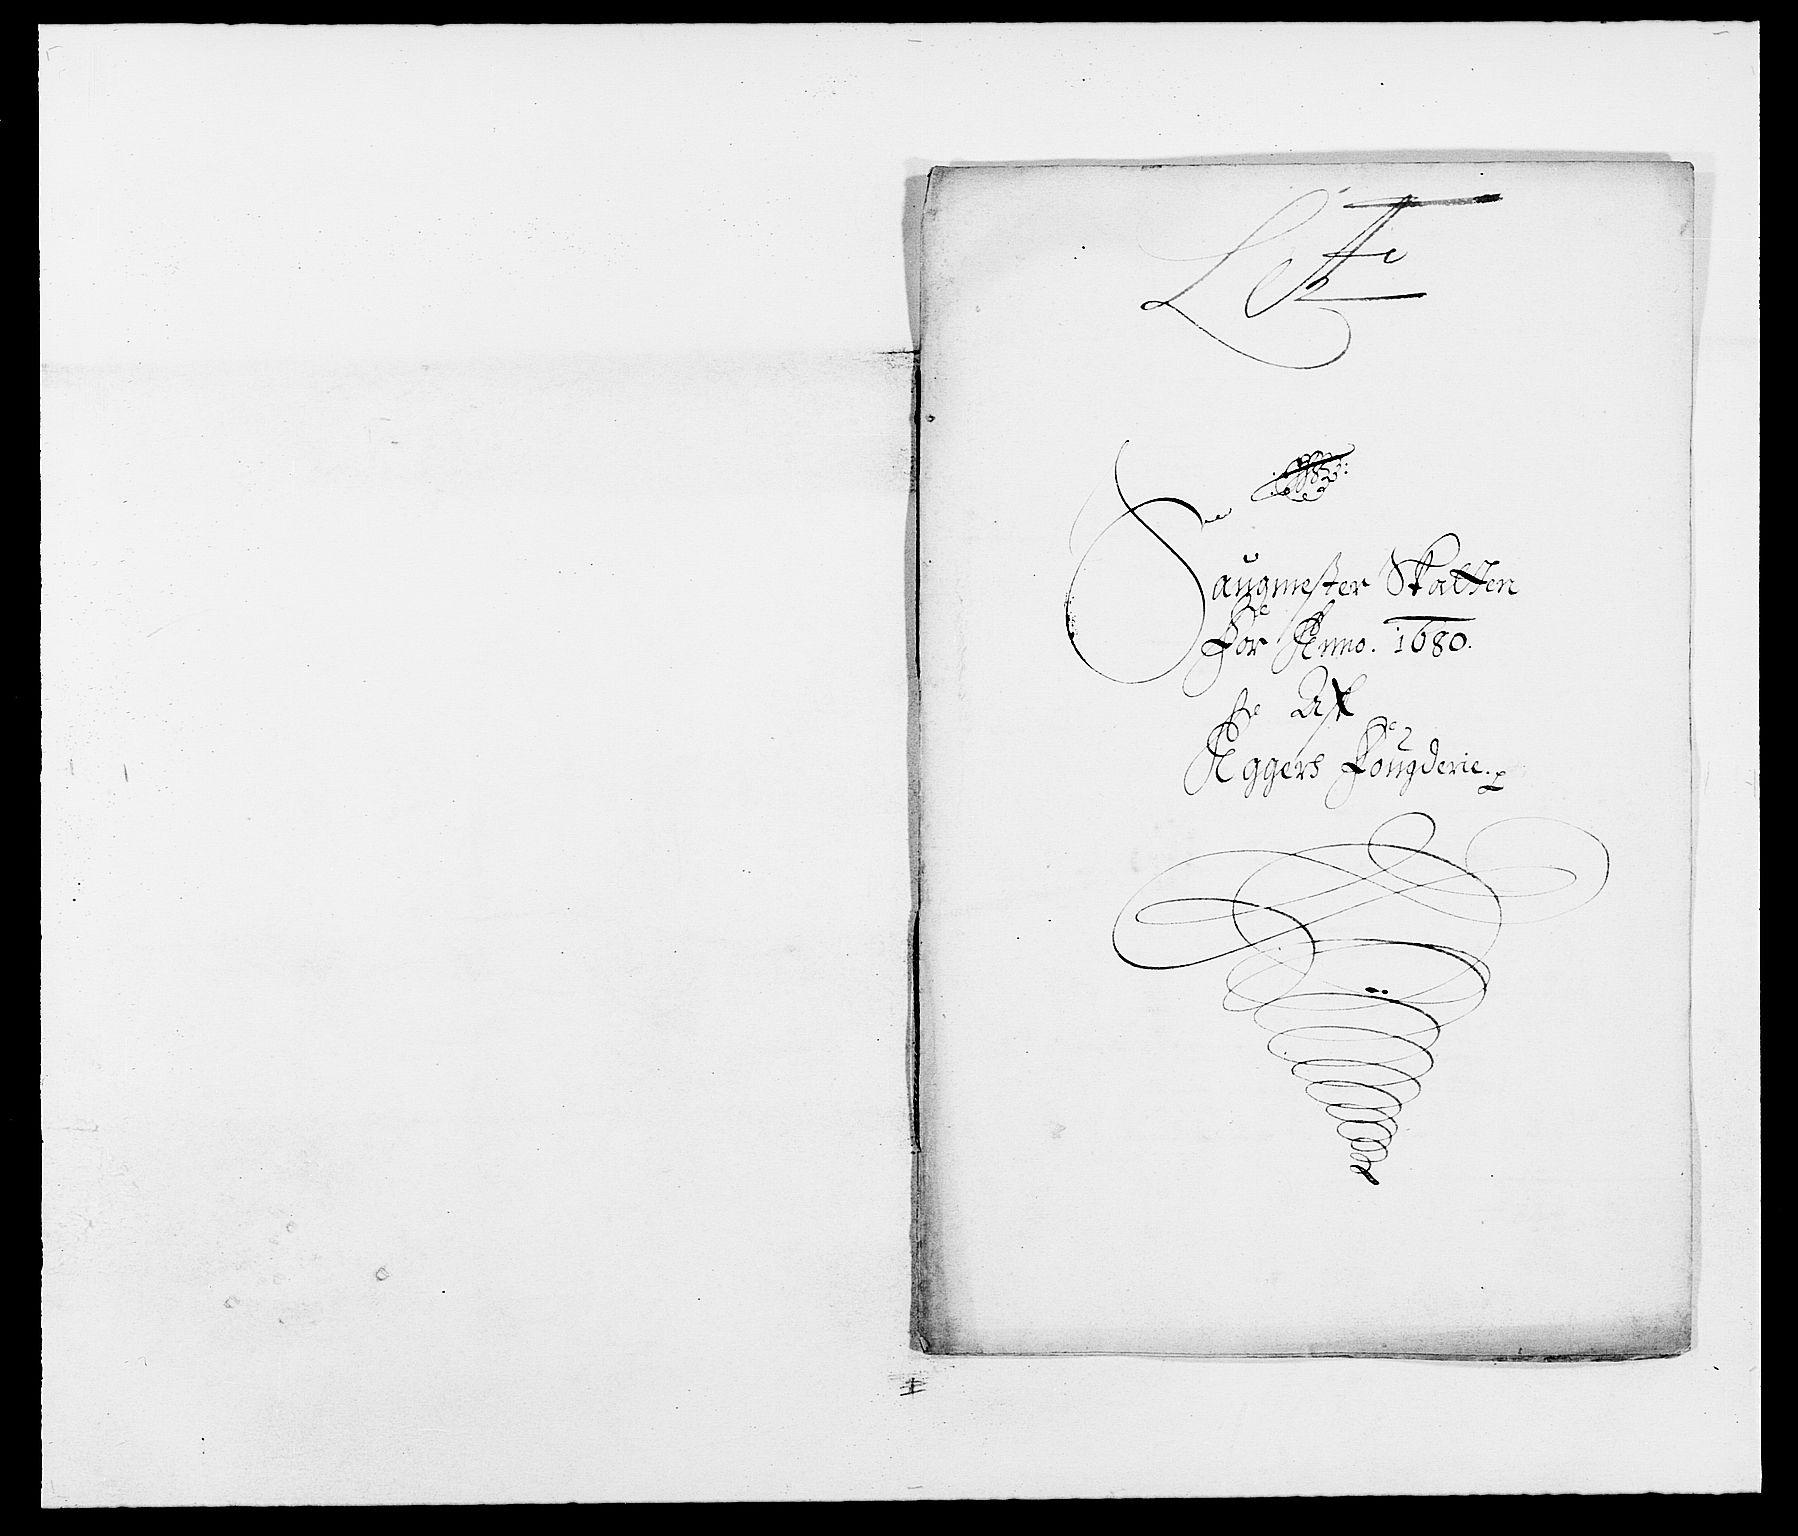 RA, Rentekammeret inntil 1814, Reviderte regnskaper, Fogderegnskap, R08/L0417: Fogderegnskap Aker, 1678-1681, s. 154